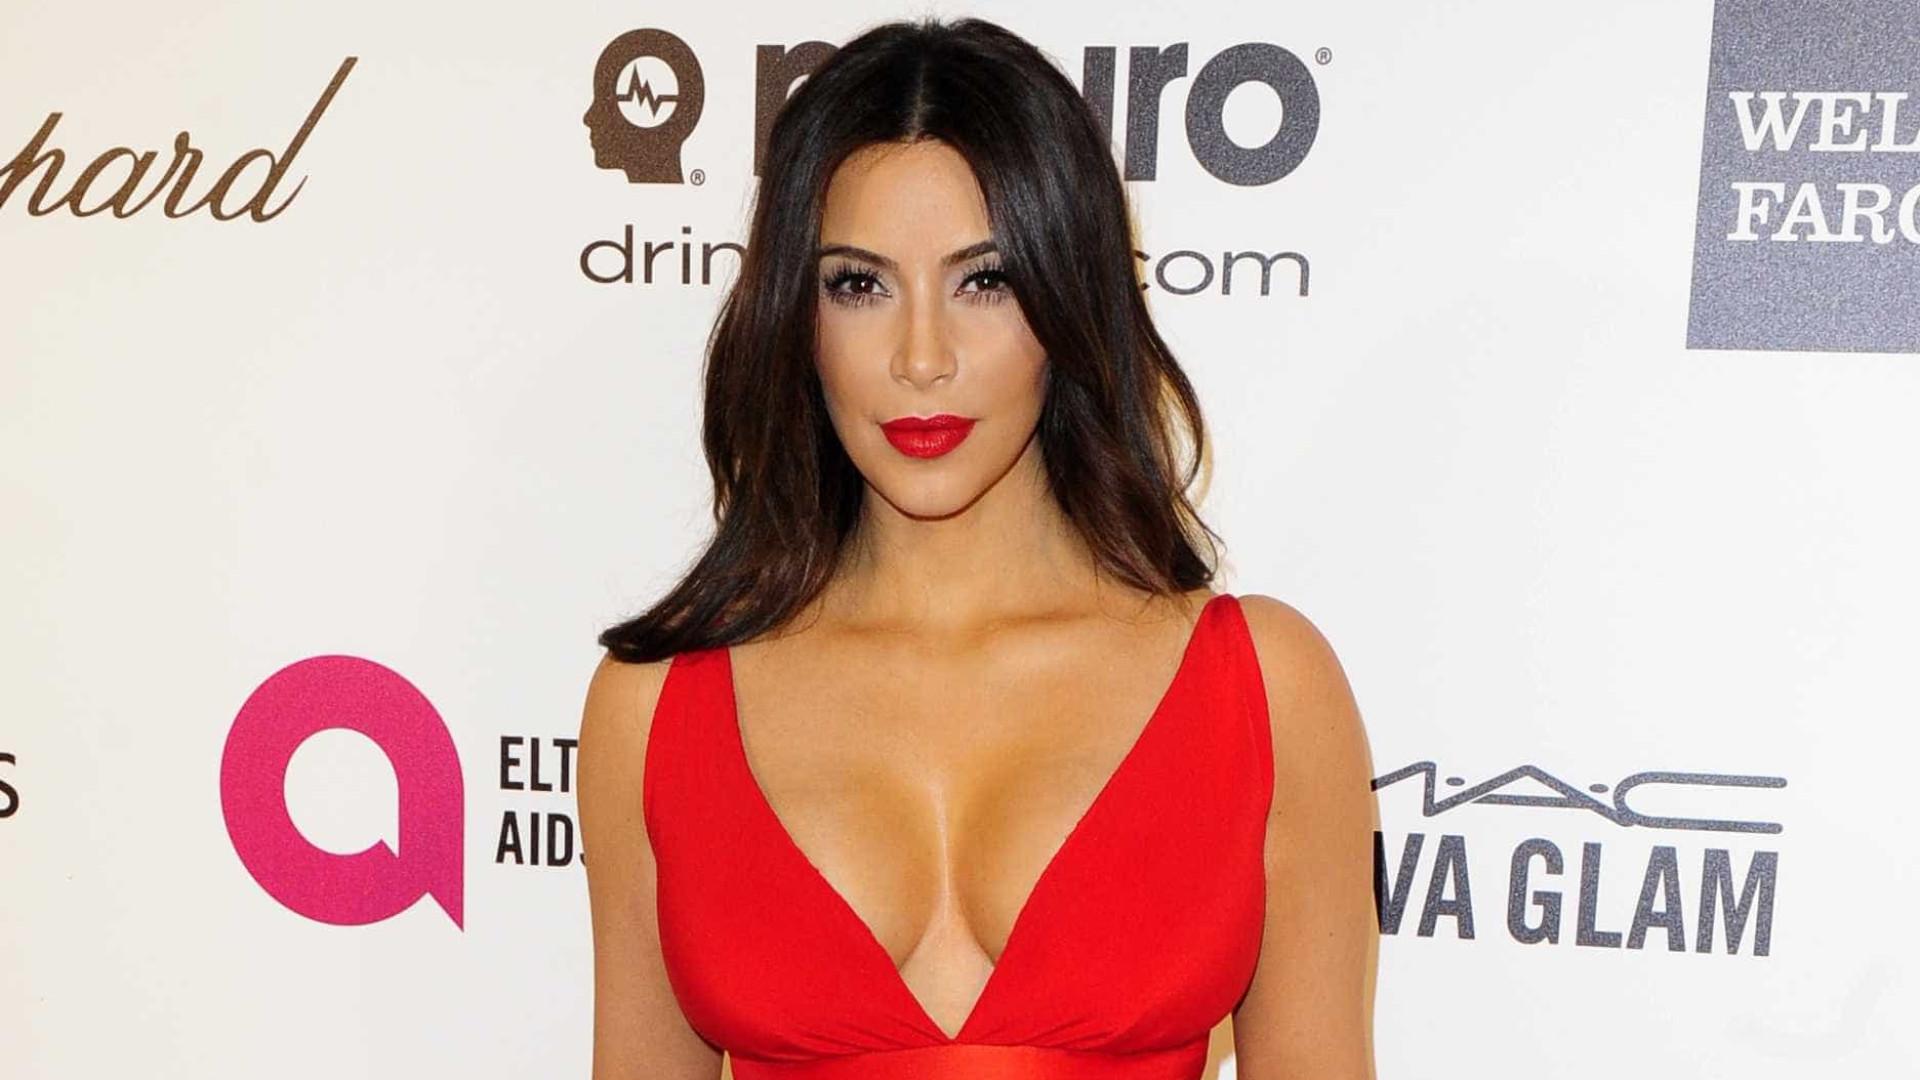 Assessora diz que Kim Kardashian  está tirando 'folga merecida'